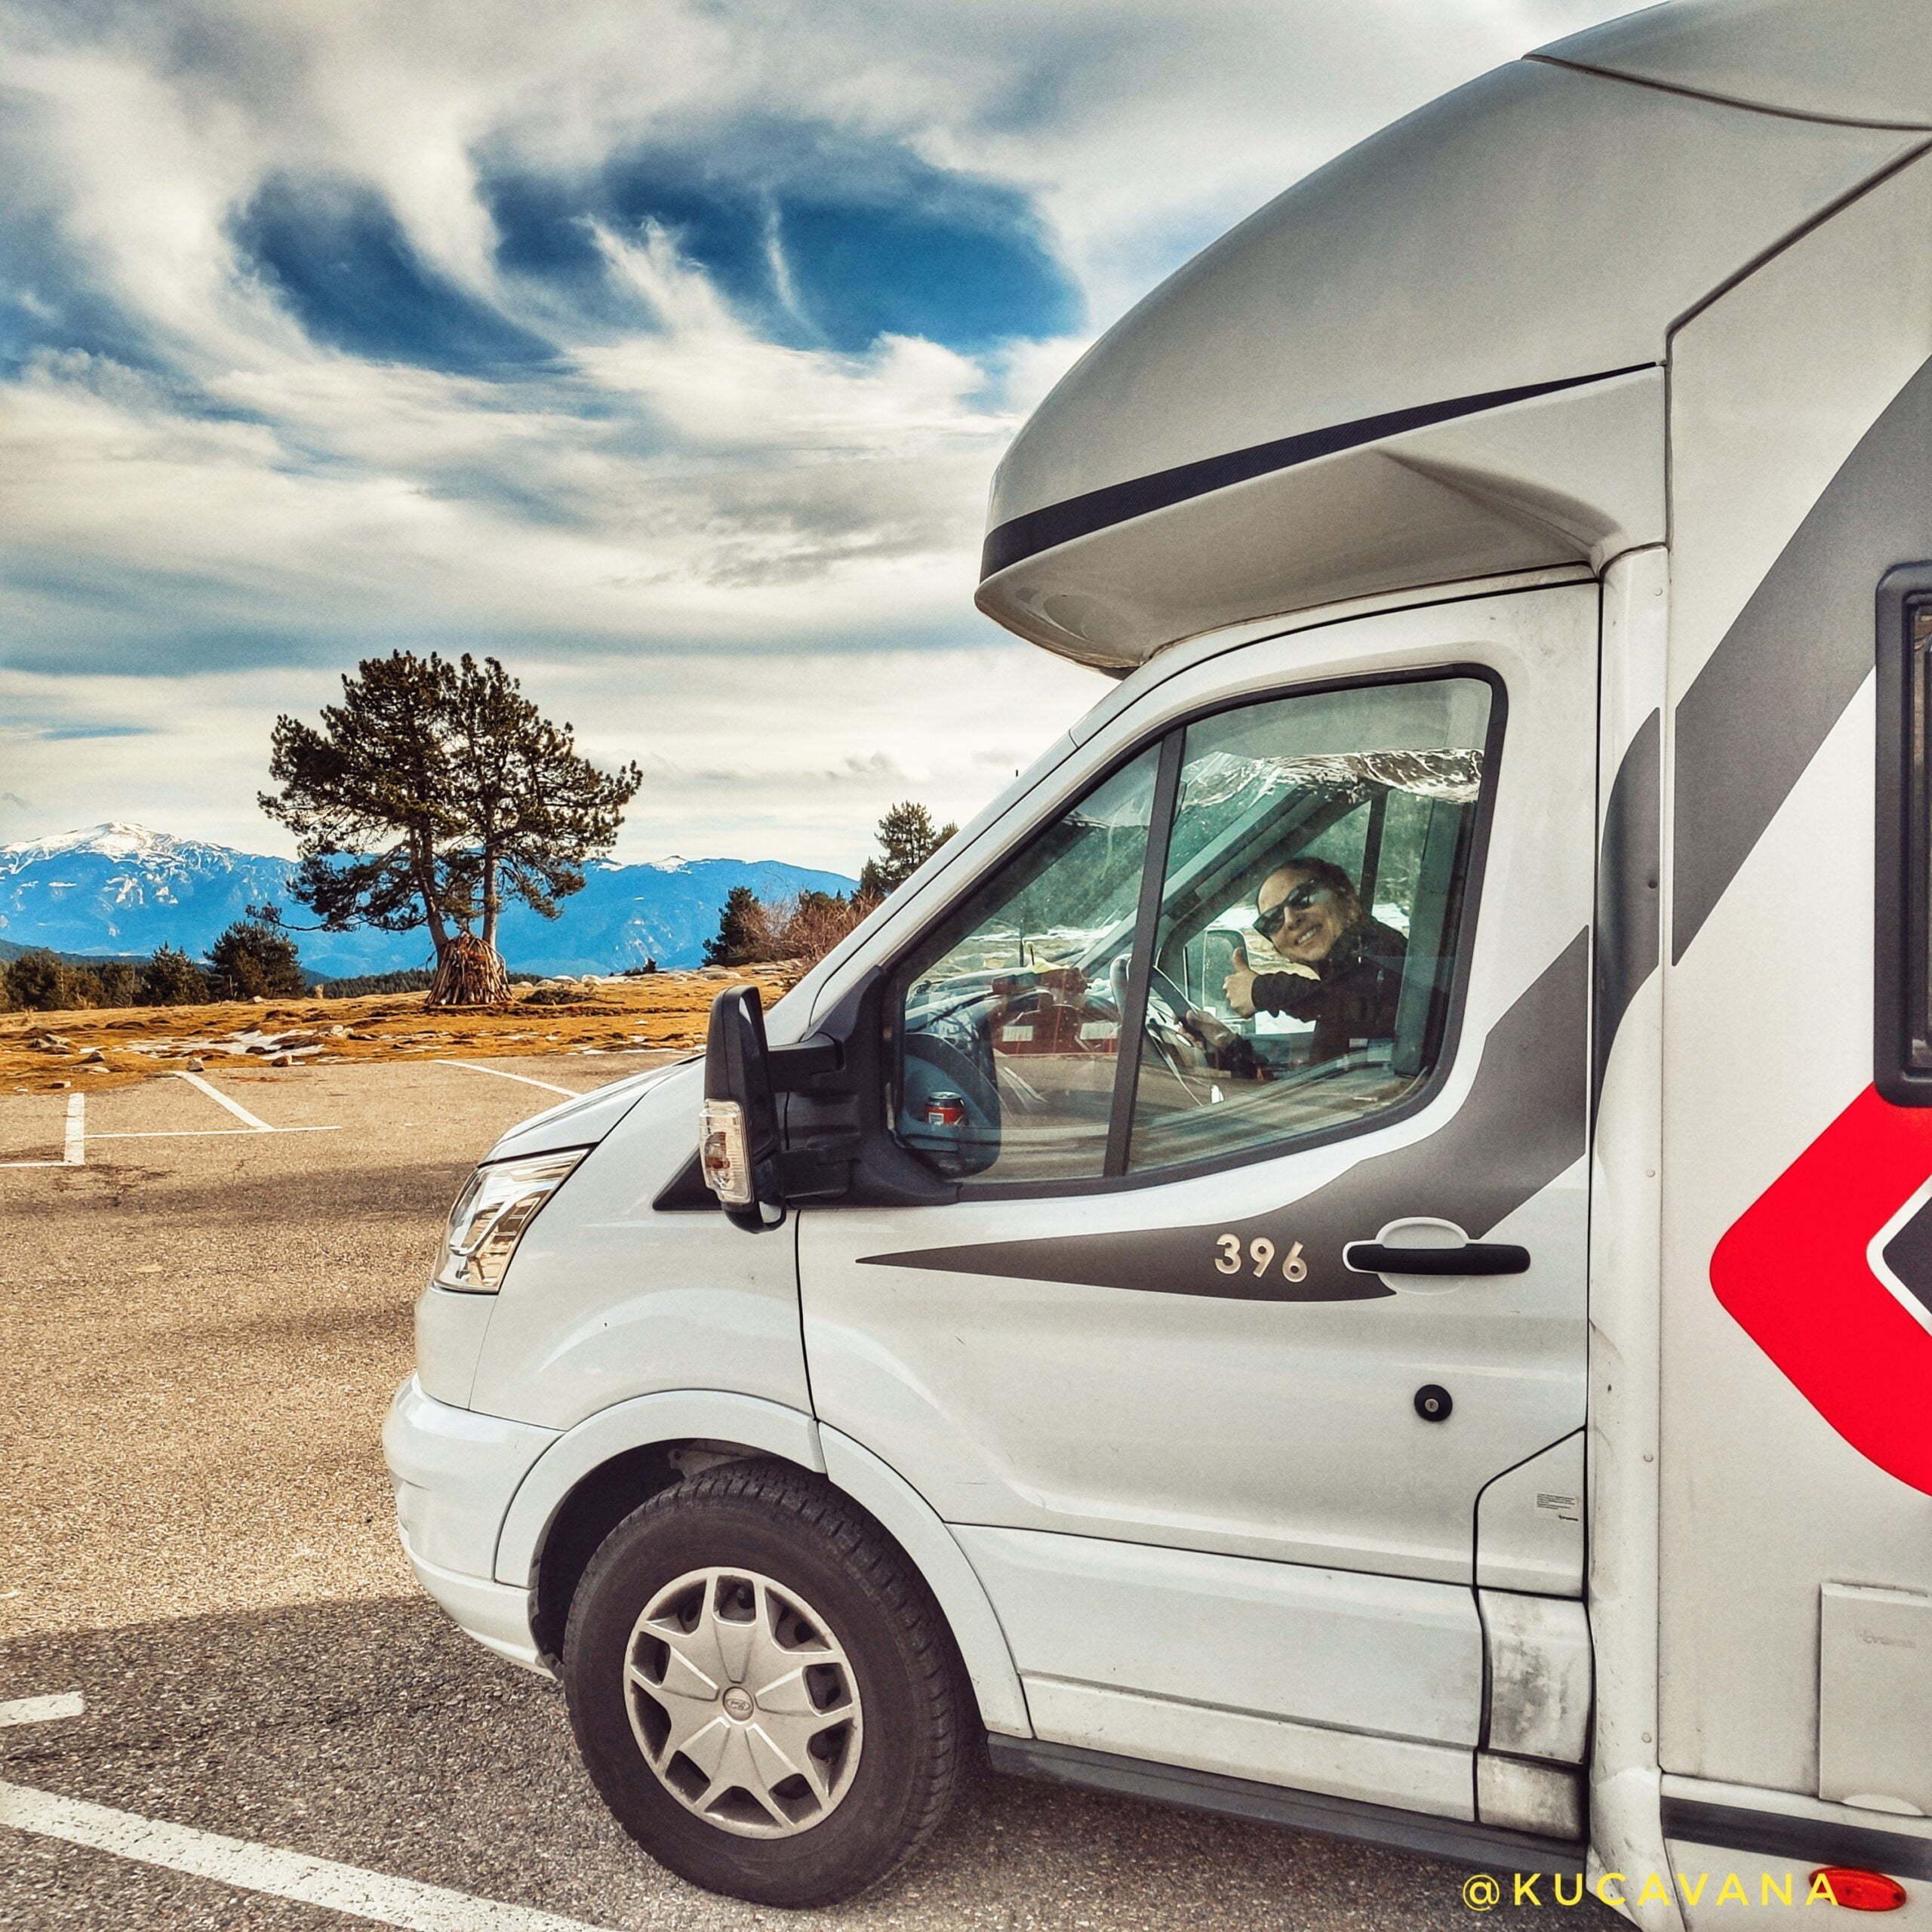 Guidare, parcheggiare, pernottare o campeggiare in camper: guida a regolamenti, tecnologia e altro ancora